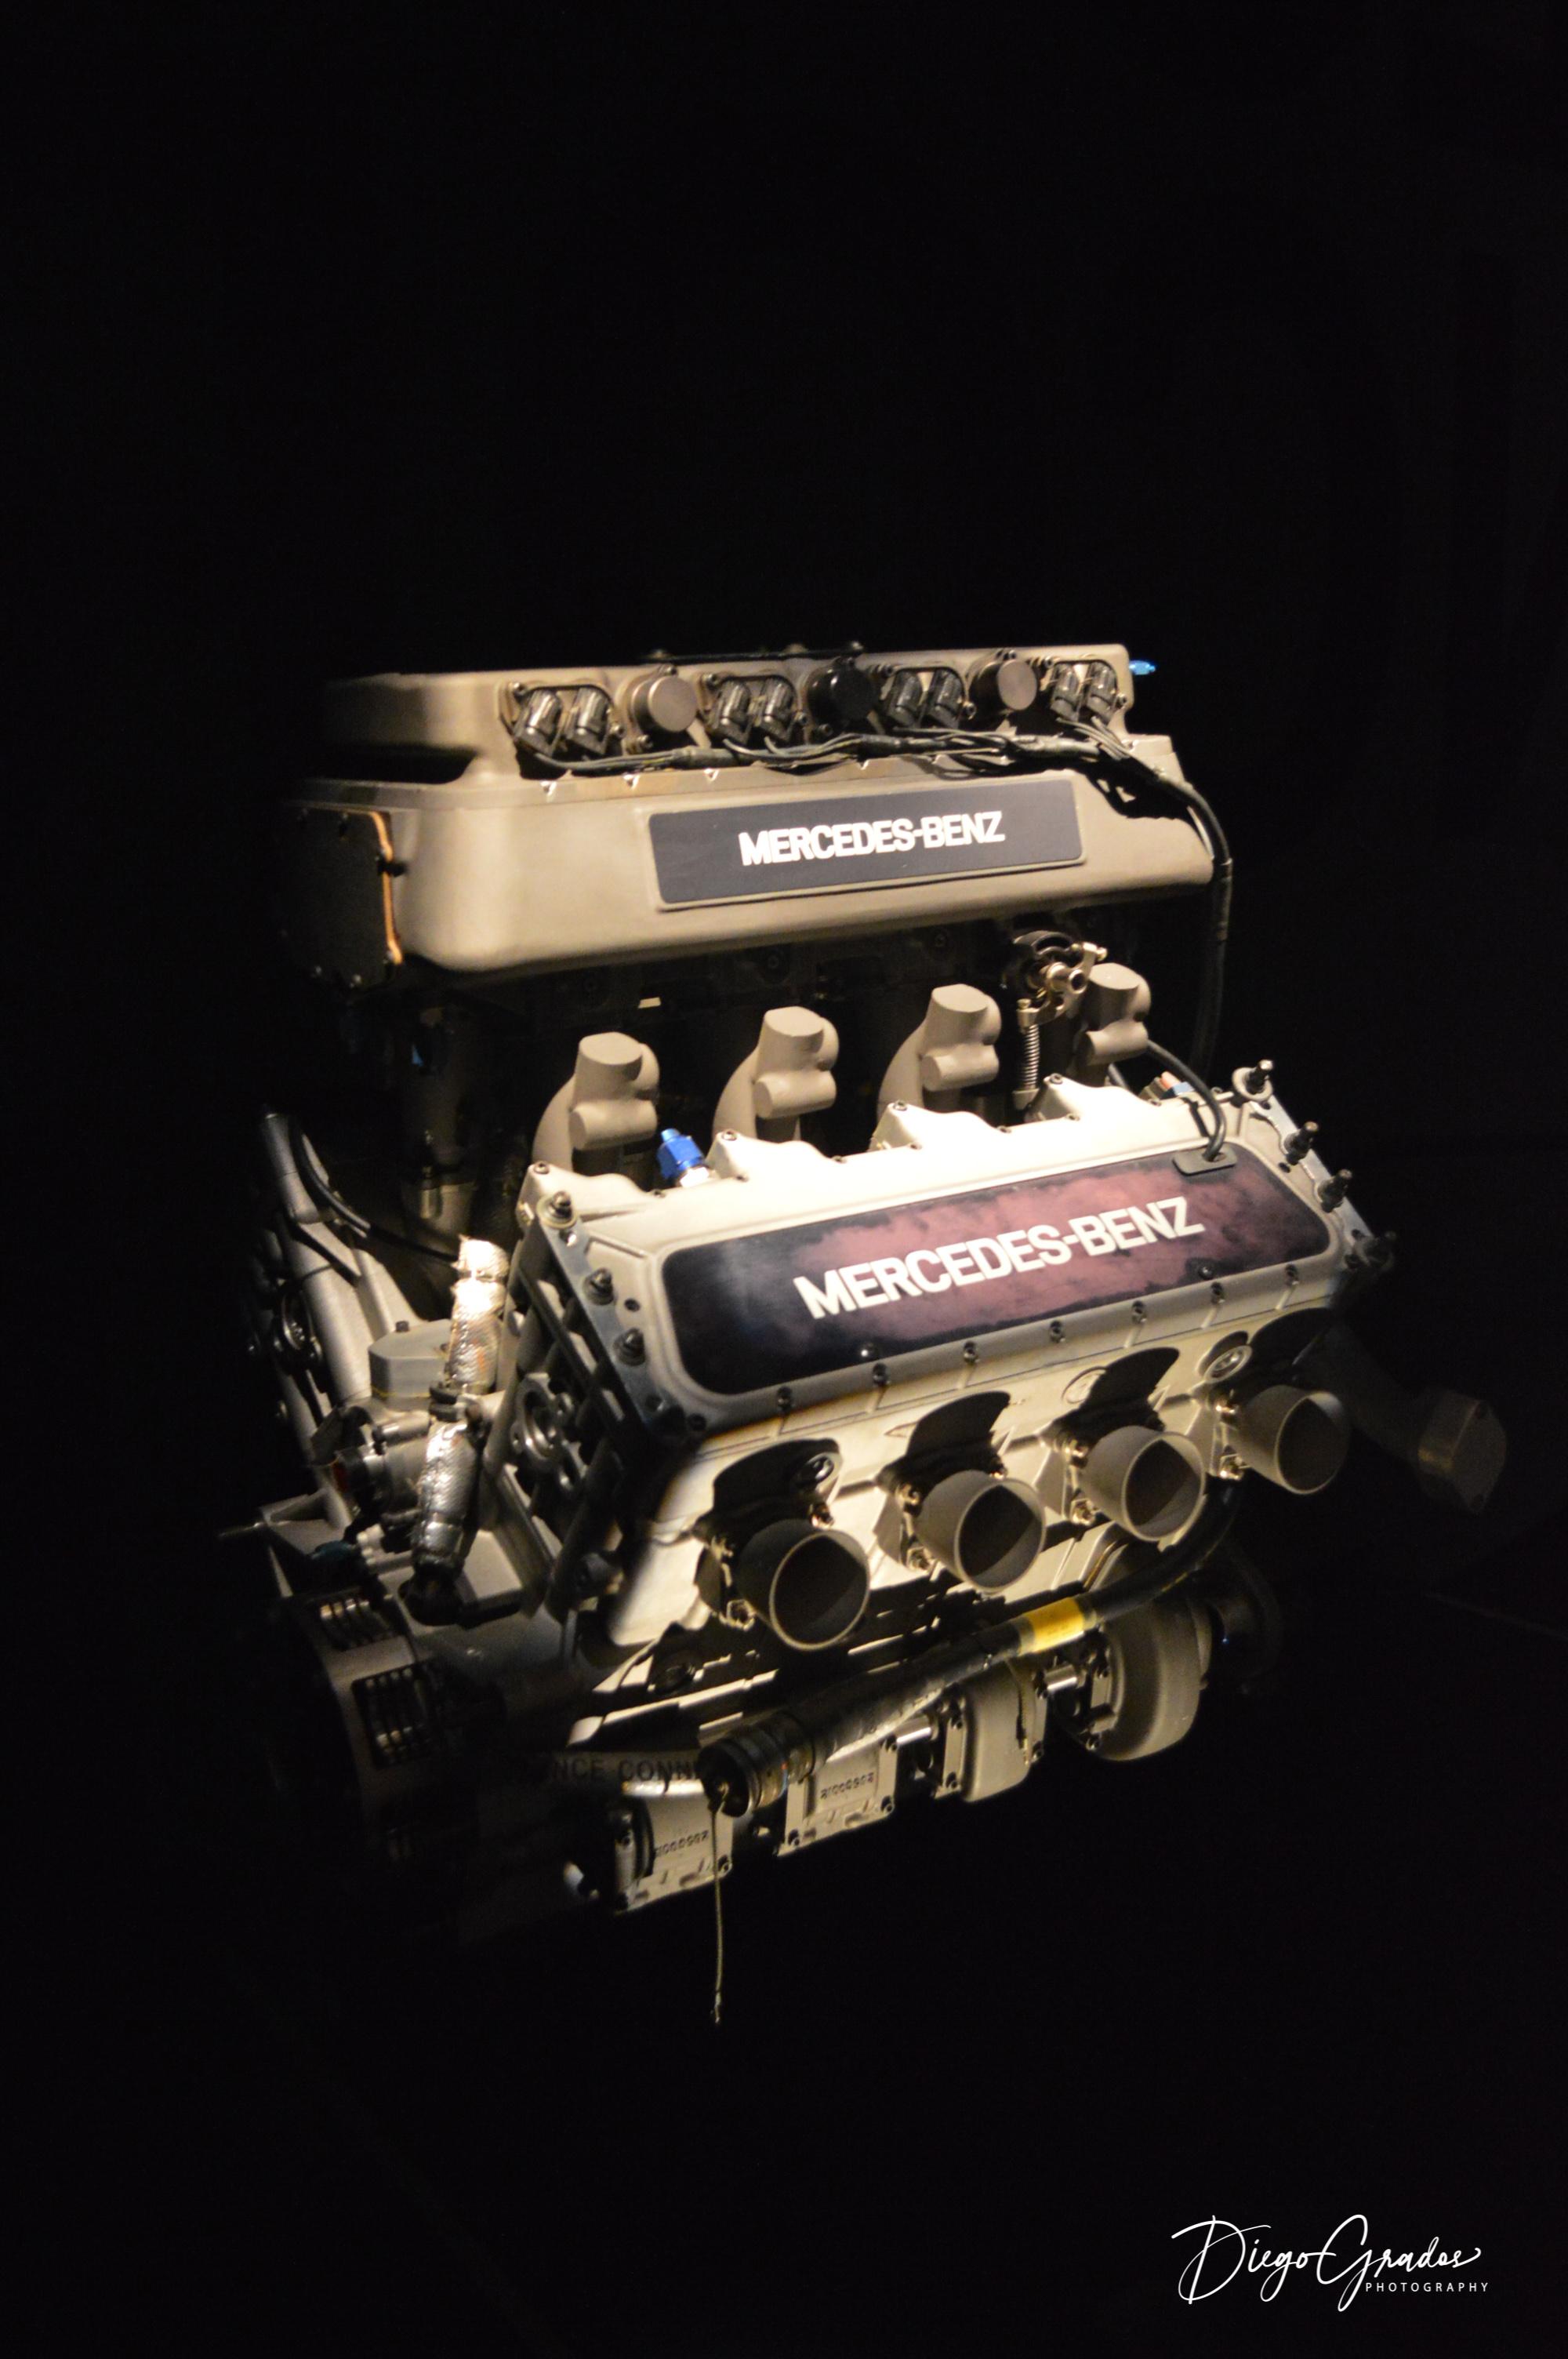 Mercedes-Benz 500 I Indycar Engine